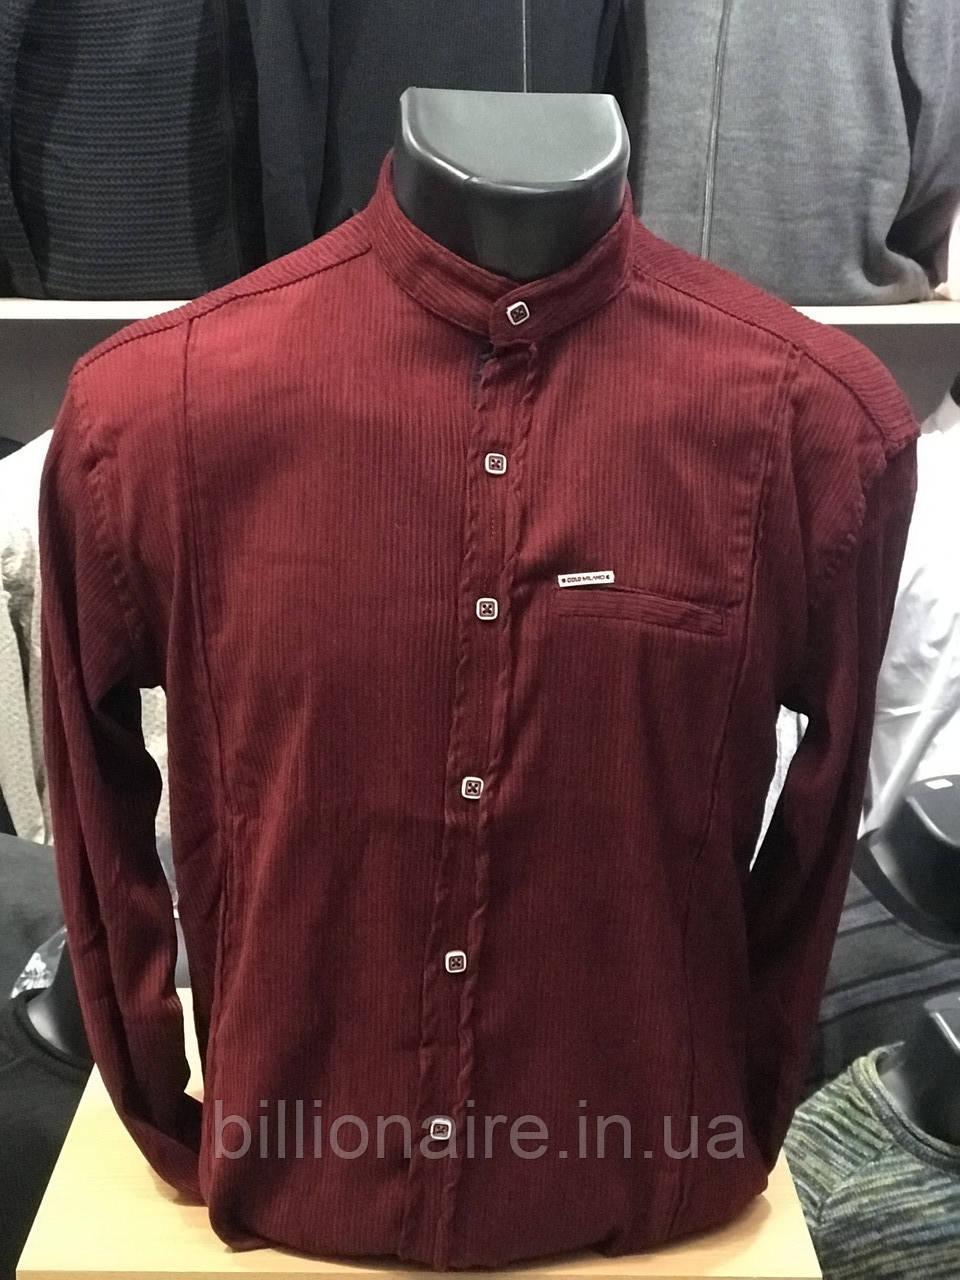 Велюрова сорочка  GM